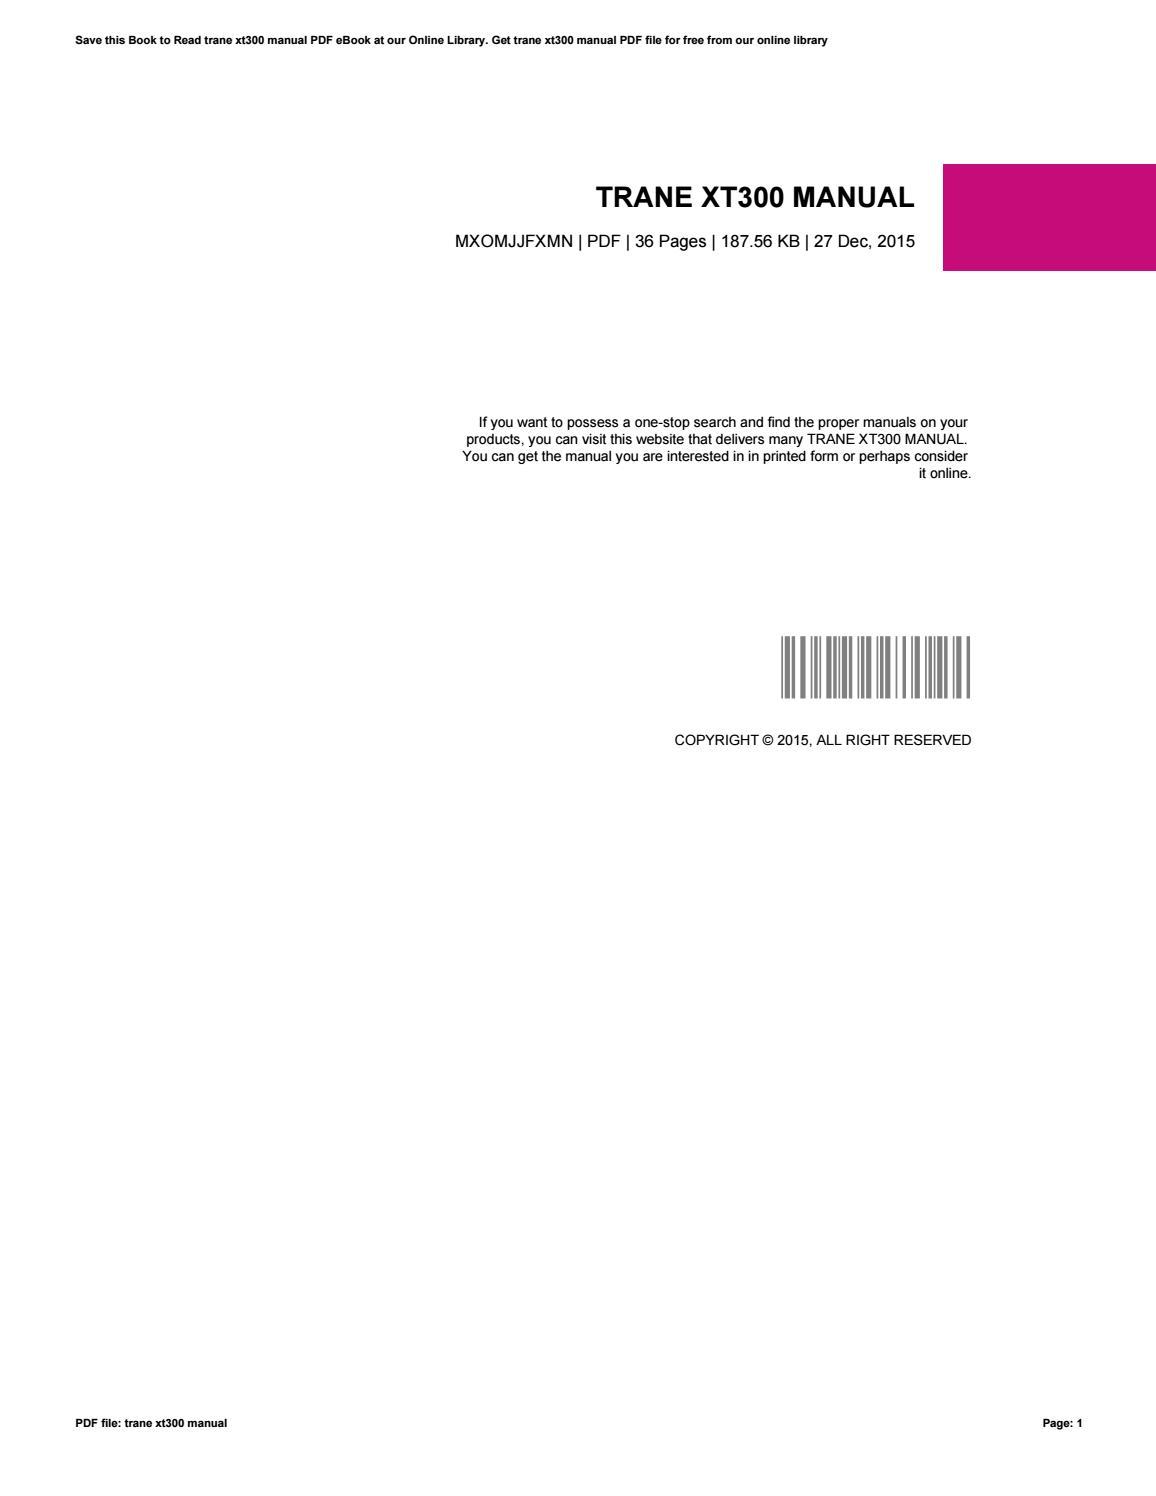 Compressor csha trane manual.